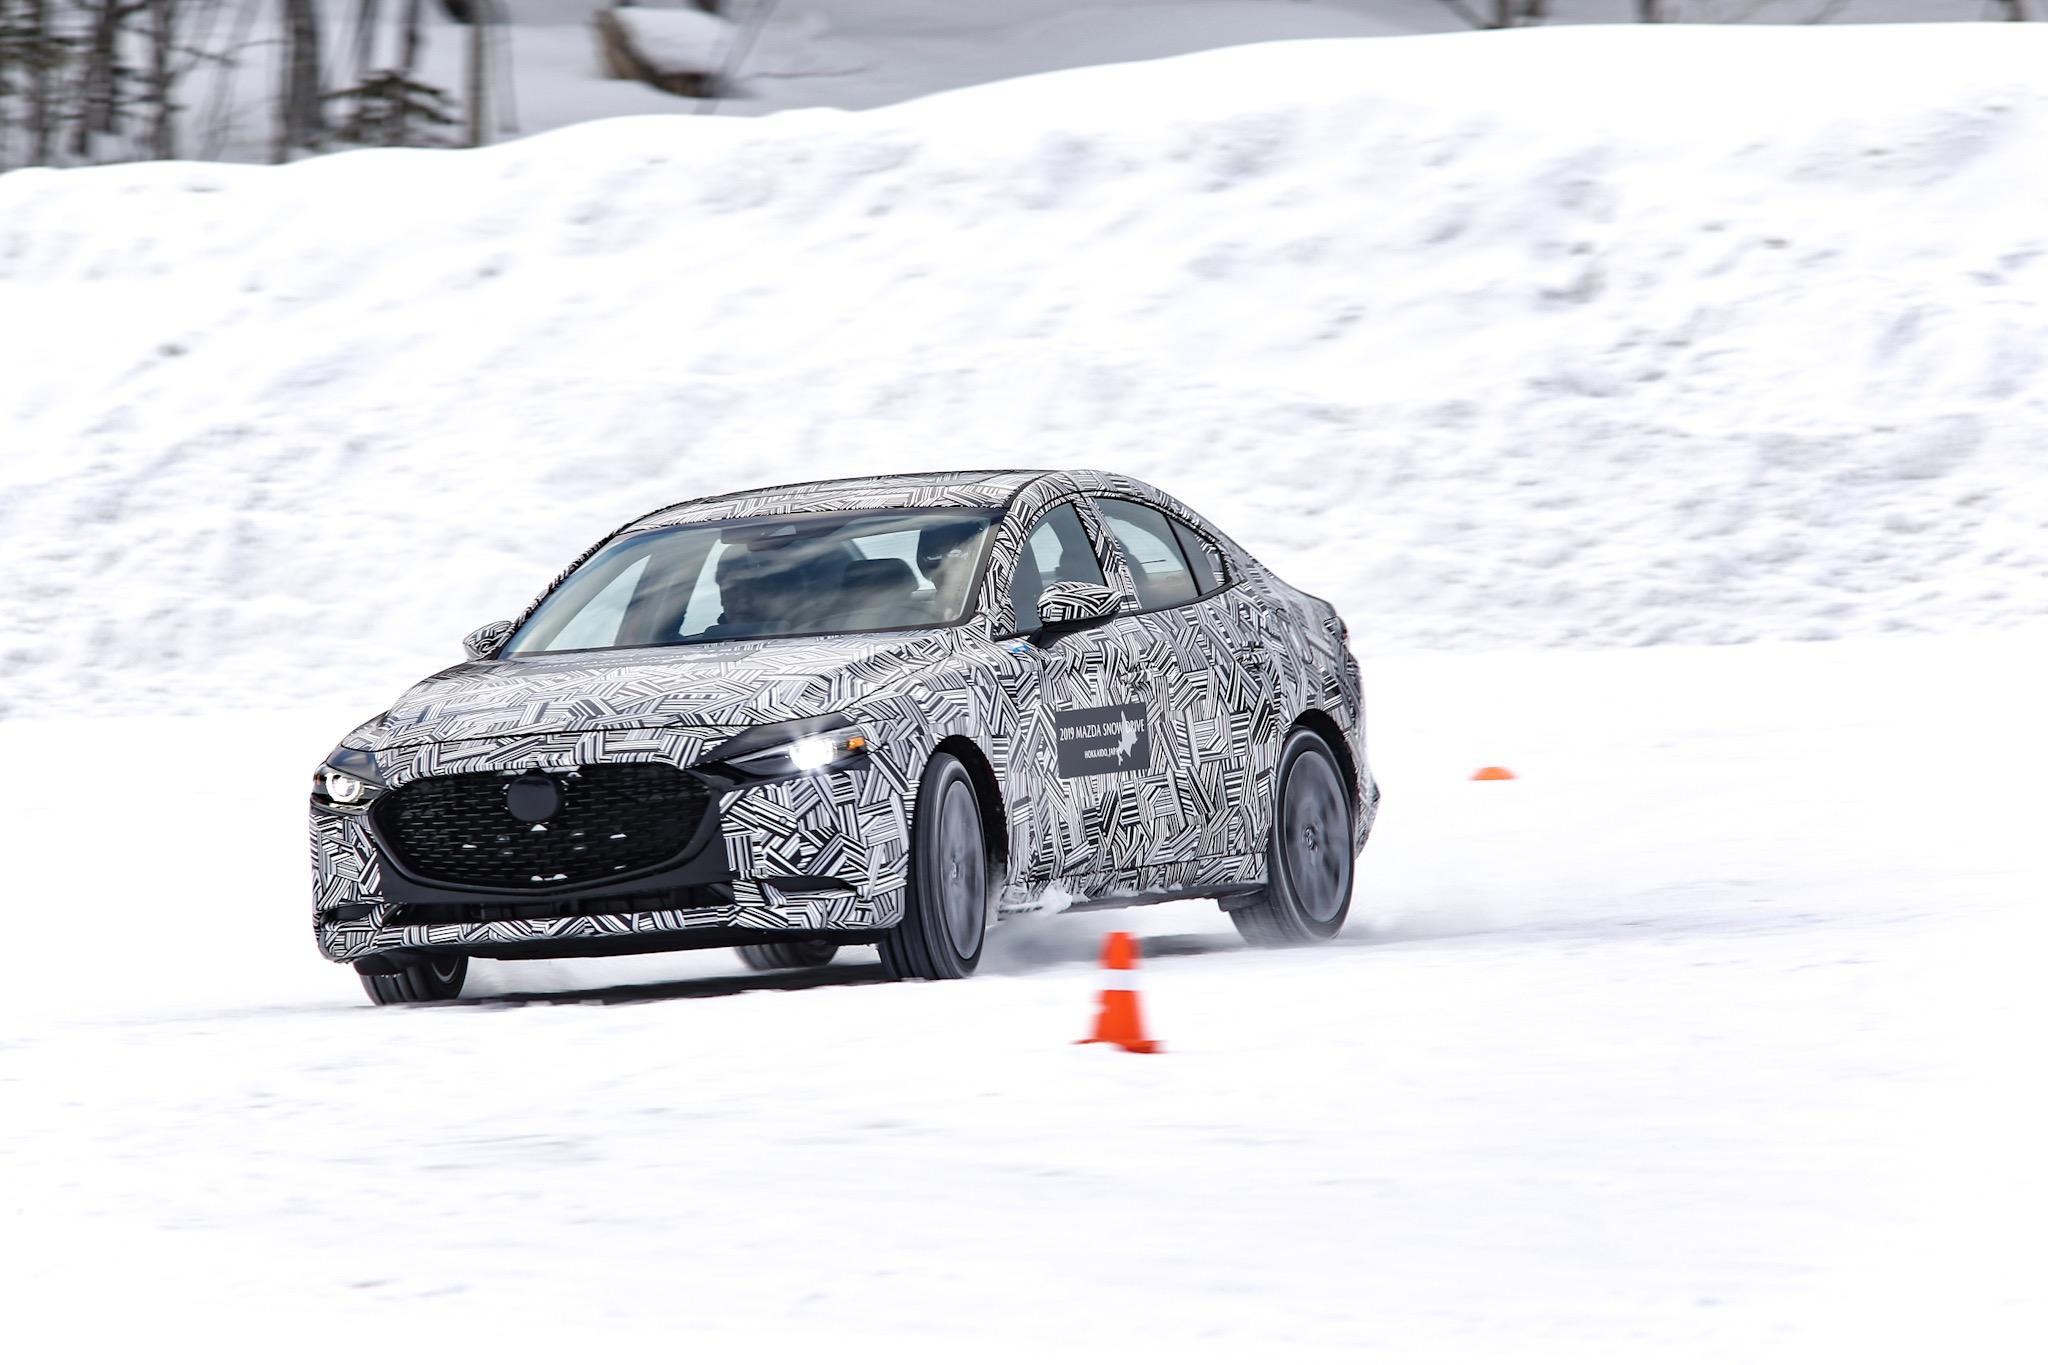 マツダ雪上取材会(2019)新型MAZDA3 北米仕様の開発車をテストドライブ